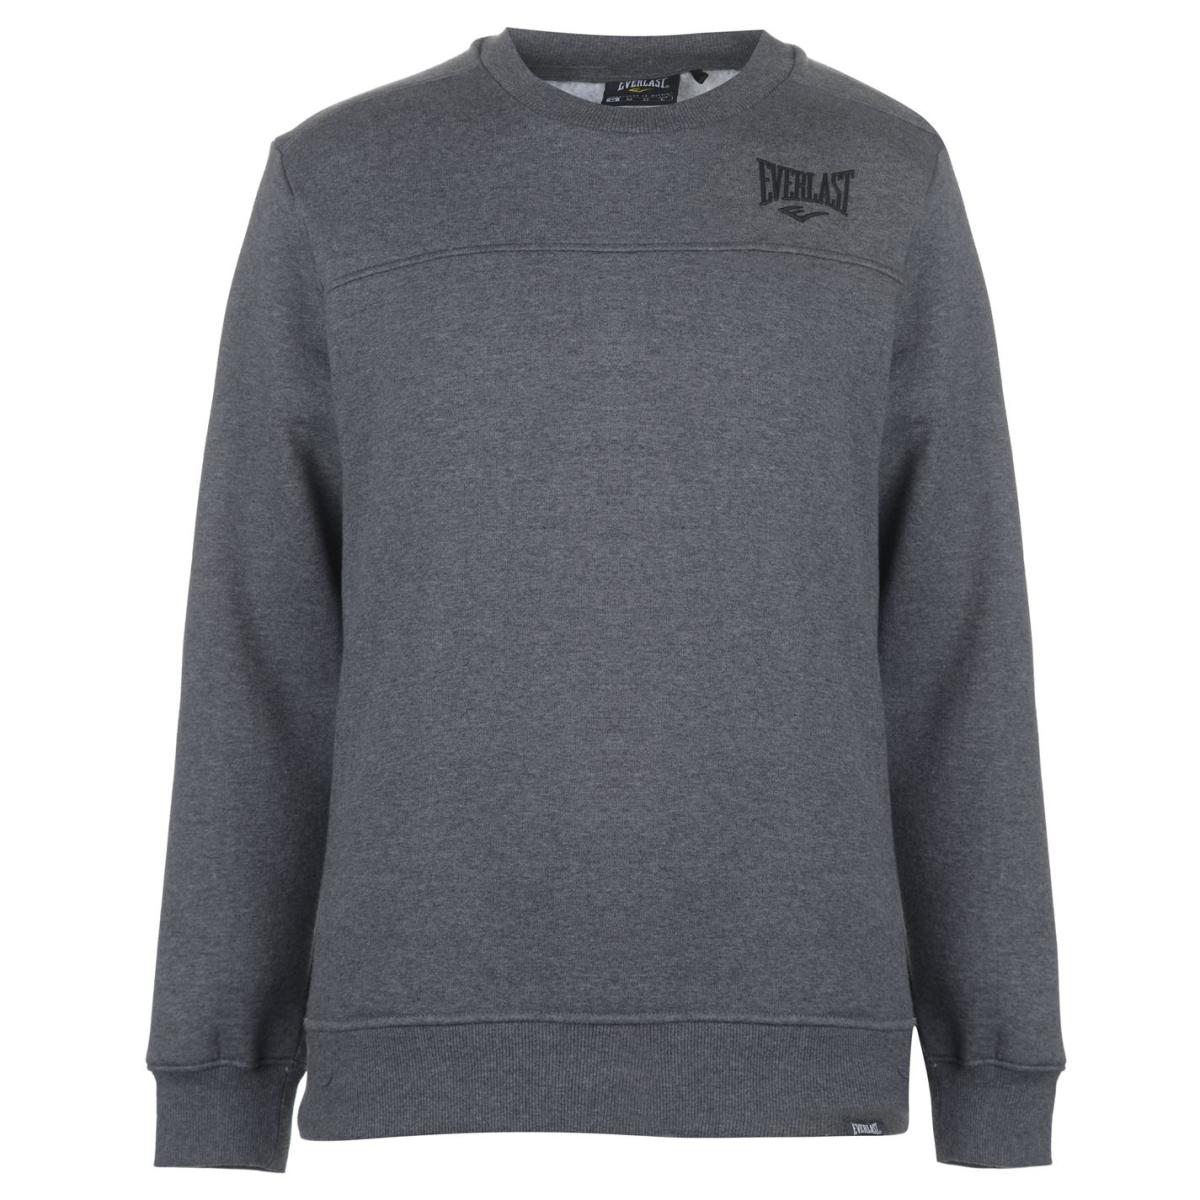 Everlast Crew Neck Sweatshirt Herren